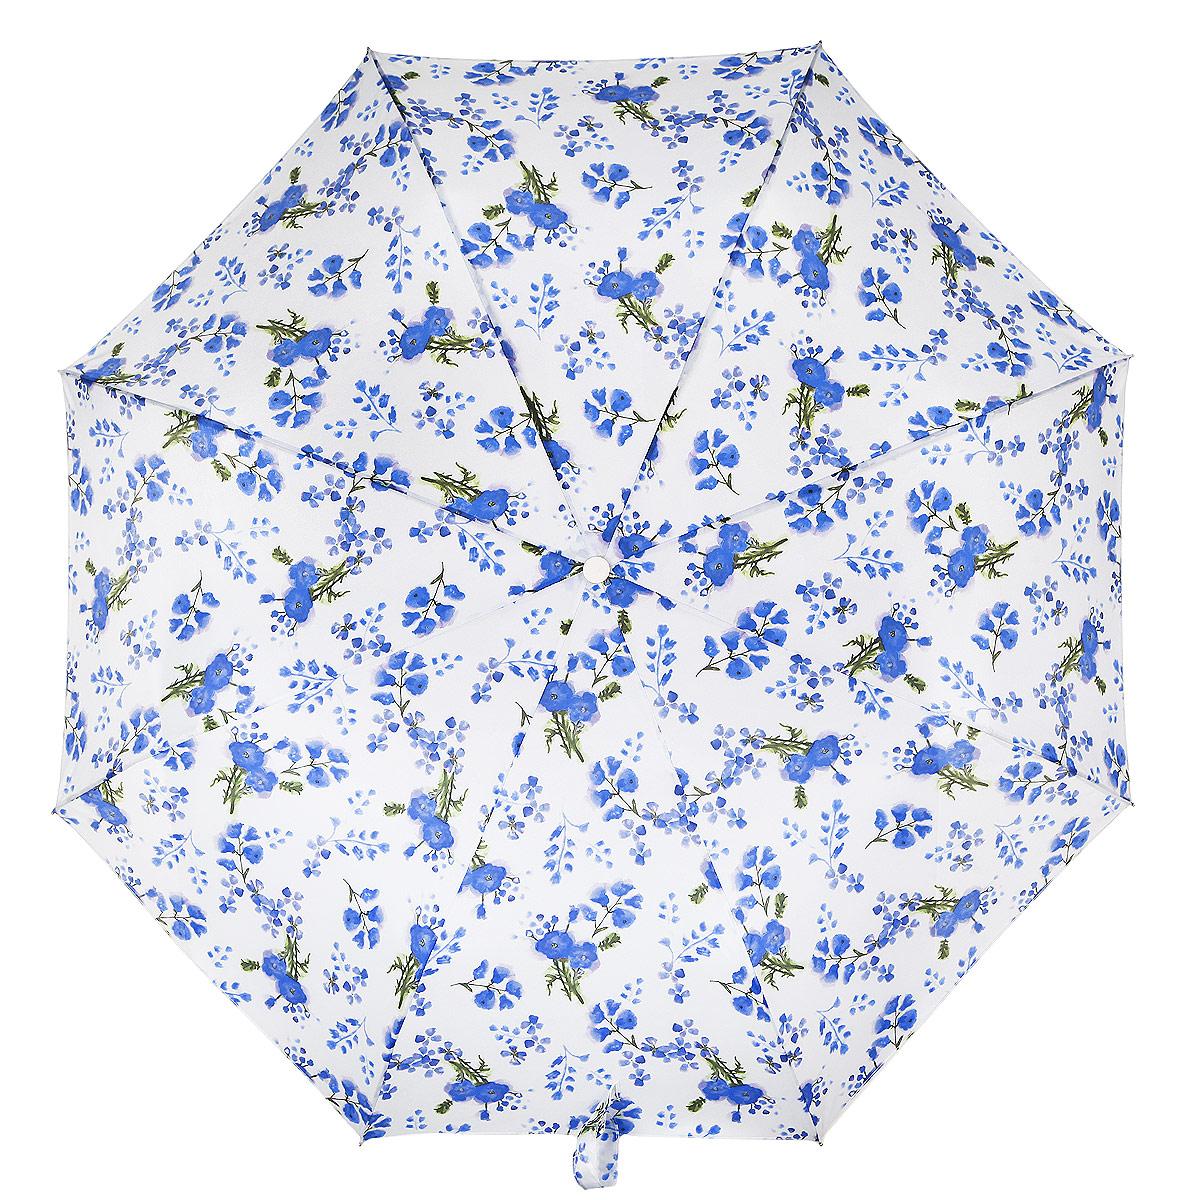 Зонт женский Fulton Minilite-2. Poppy Bloom, механический , 3 сложения, цвет: голубой, белый, зеленый. L354-2938L354-2938Модный механический зонт Minilite-2. Poppy Bloom даже в ненастную погоду позволит вам оставаться стильной и элегантной. Каркас зонта состоит из 8 спиц из фибергласса и металлического стержня. Купол зонта выполнен из прочного полиэстера и оформлен узором в виде цветов. Изделие оснащено удобной рукояткой из пластика. Зонт механического сложения: купол открывается и закрывается вручную до характерного щелчка. Модель закрывается при помощи одного ремня с липучкой. Такой зонт не только надежно защитит вас от дождя, но и станет стильным аксессуаром, который идеально подчеркнет ваш неповторимый образ